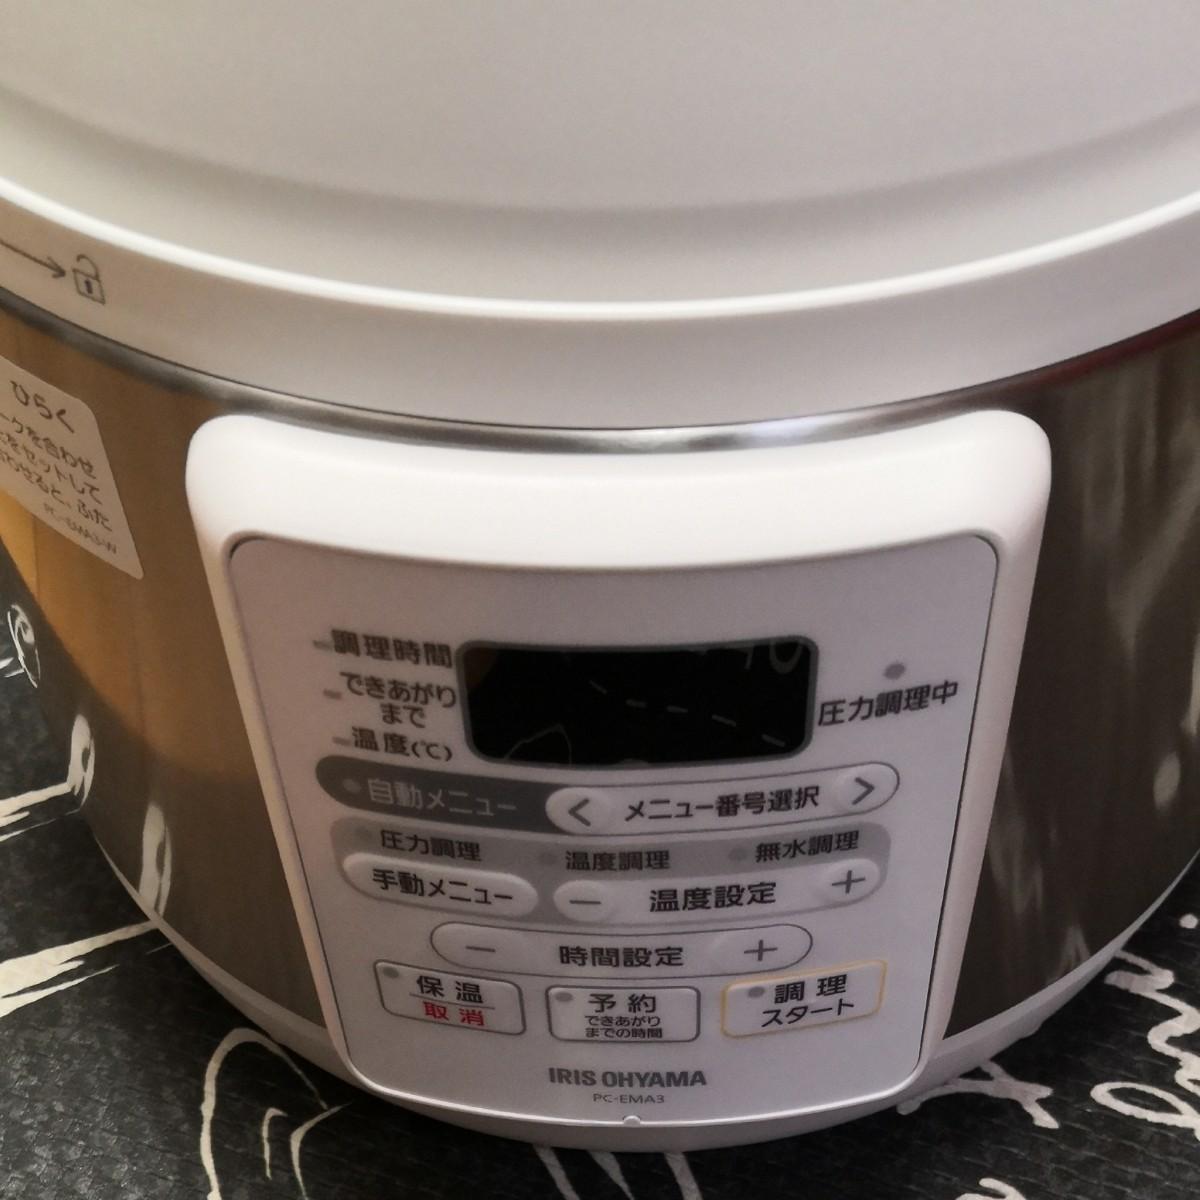 圧力鍋 電気圧力鍋 電器圧力鍋 電気 電器  3.0L 使いやすい ホワイト PC-EMA3-W アイリスオーヤマ